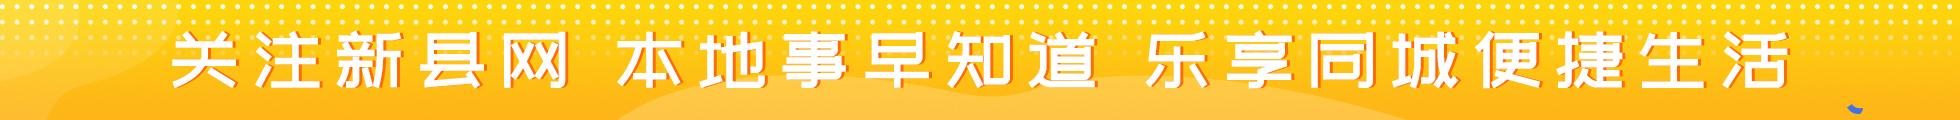 新县网微信宣传【情感世界】